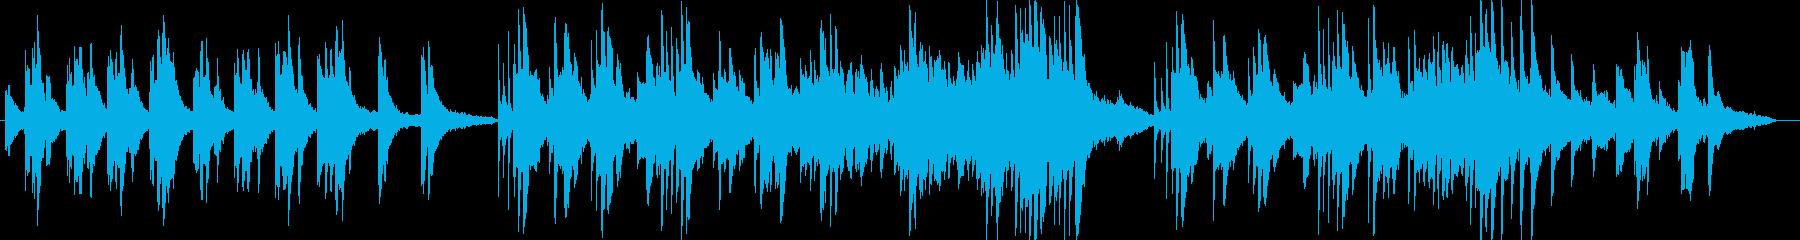 美しくエレガントなピアノのバラードの再生済みの波形